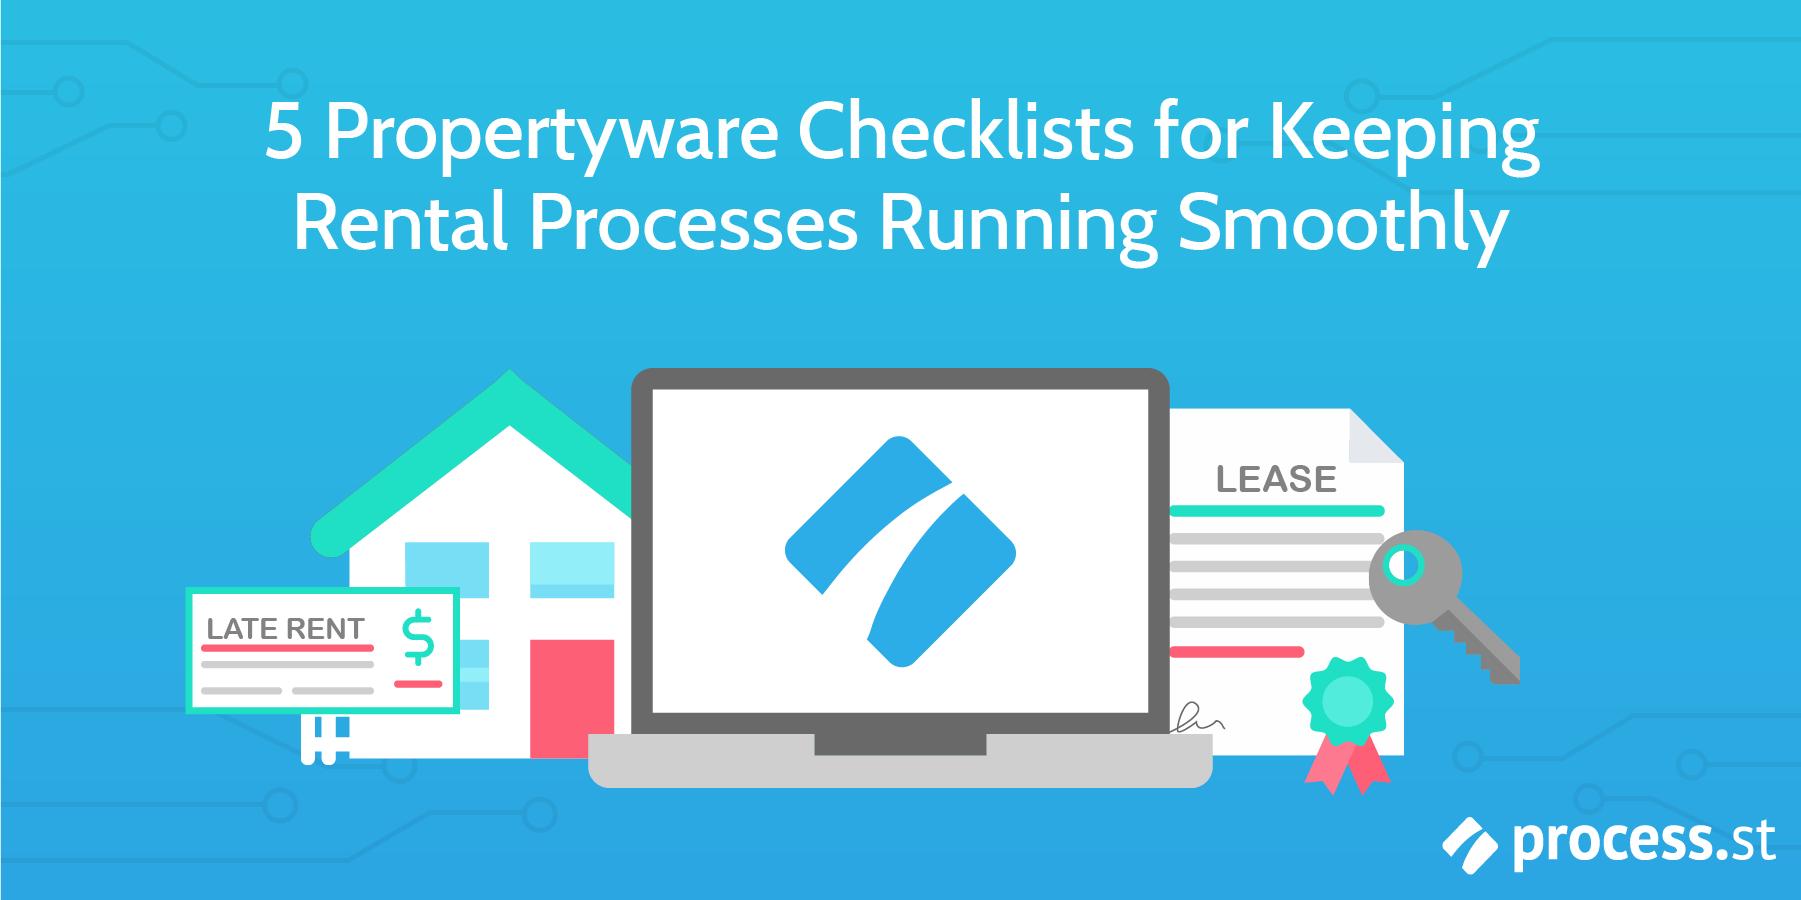 propertyware-checklists